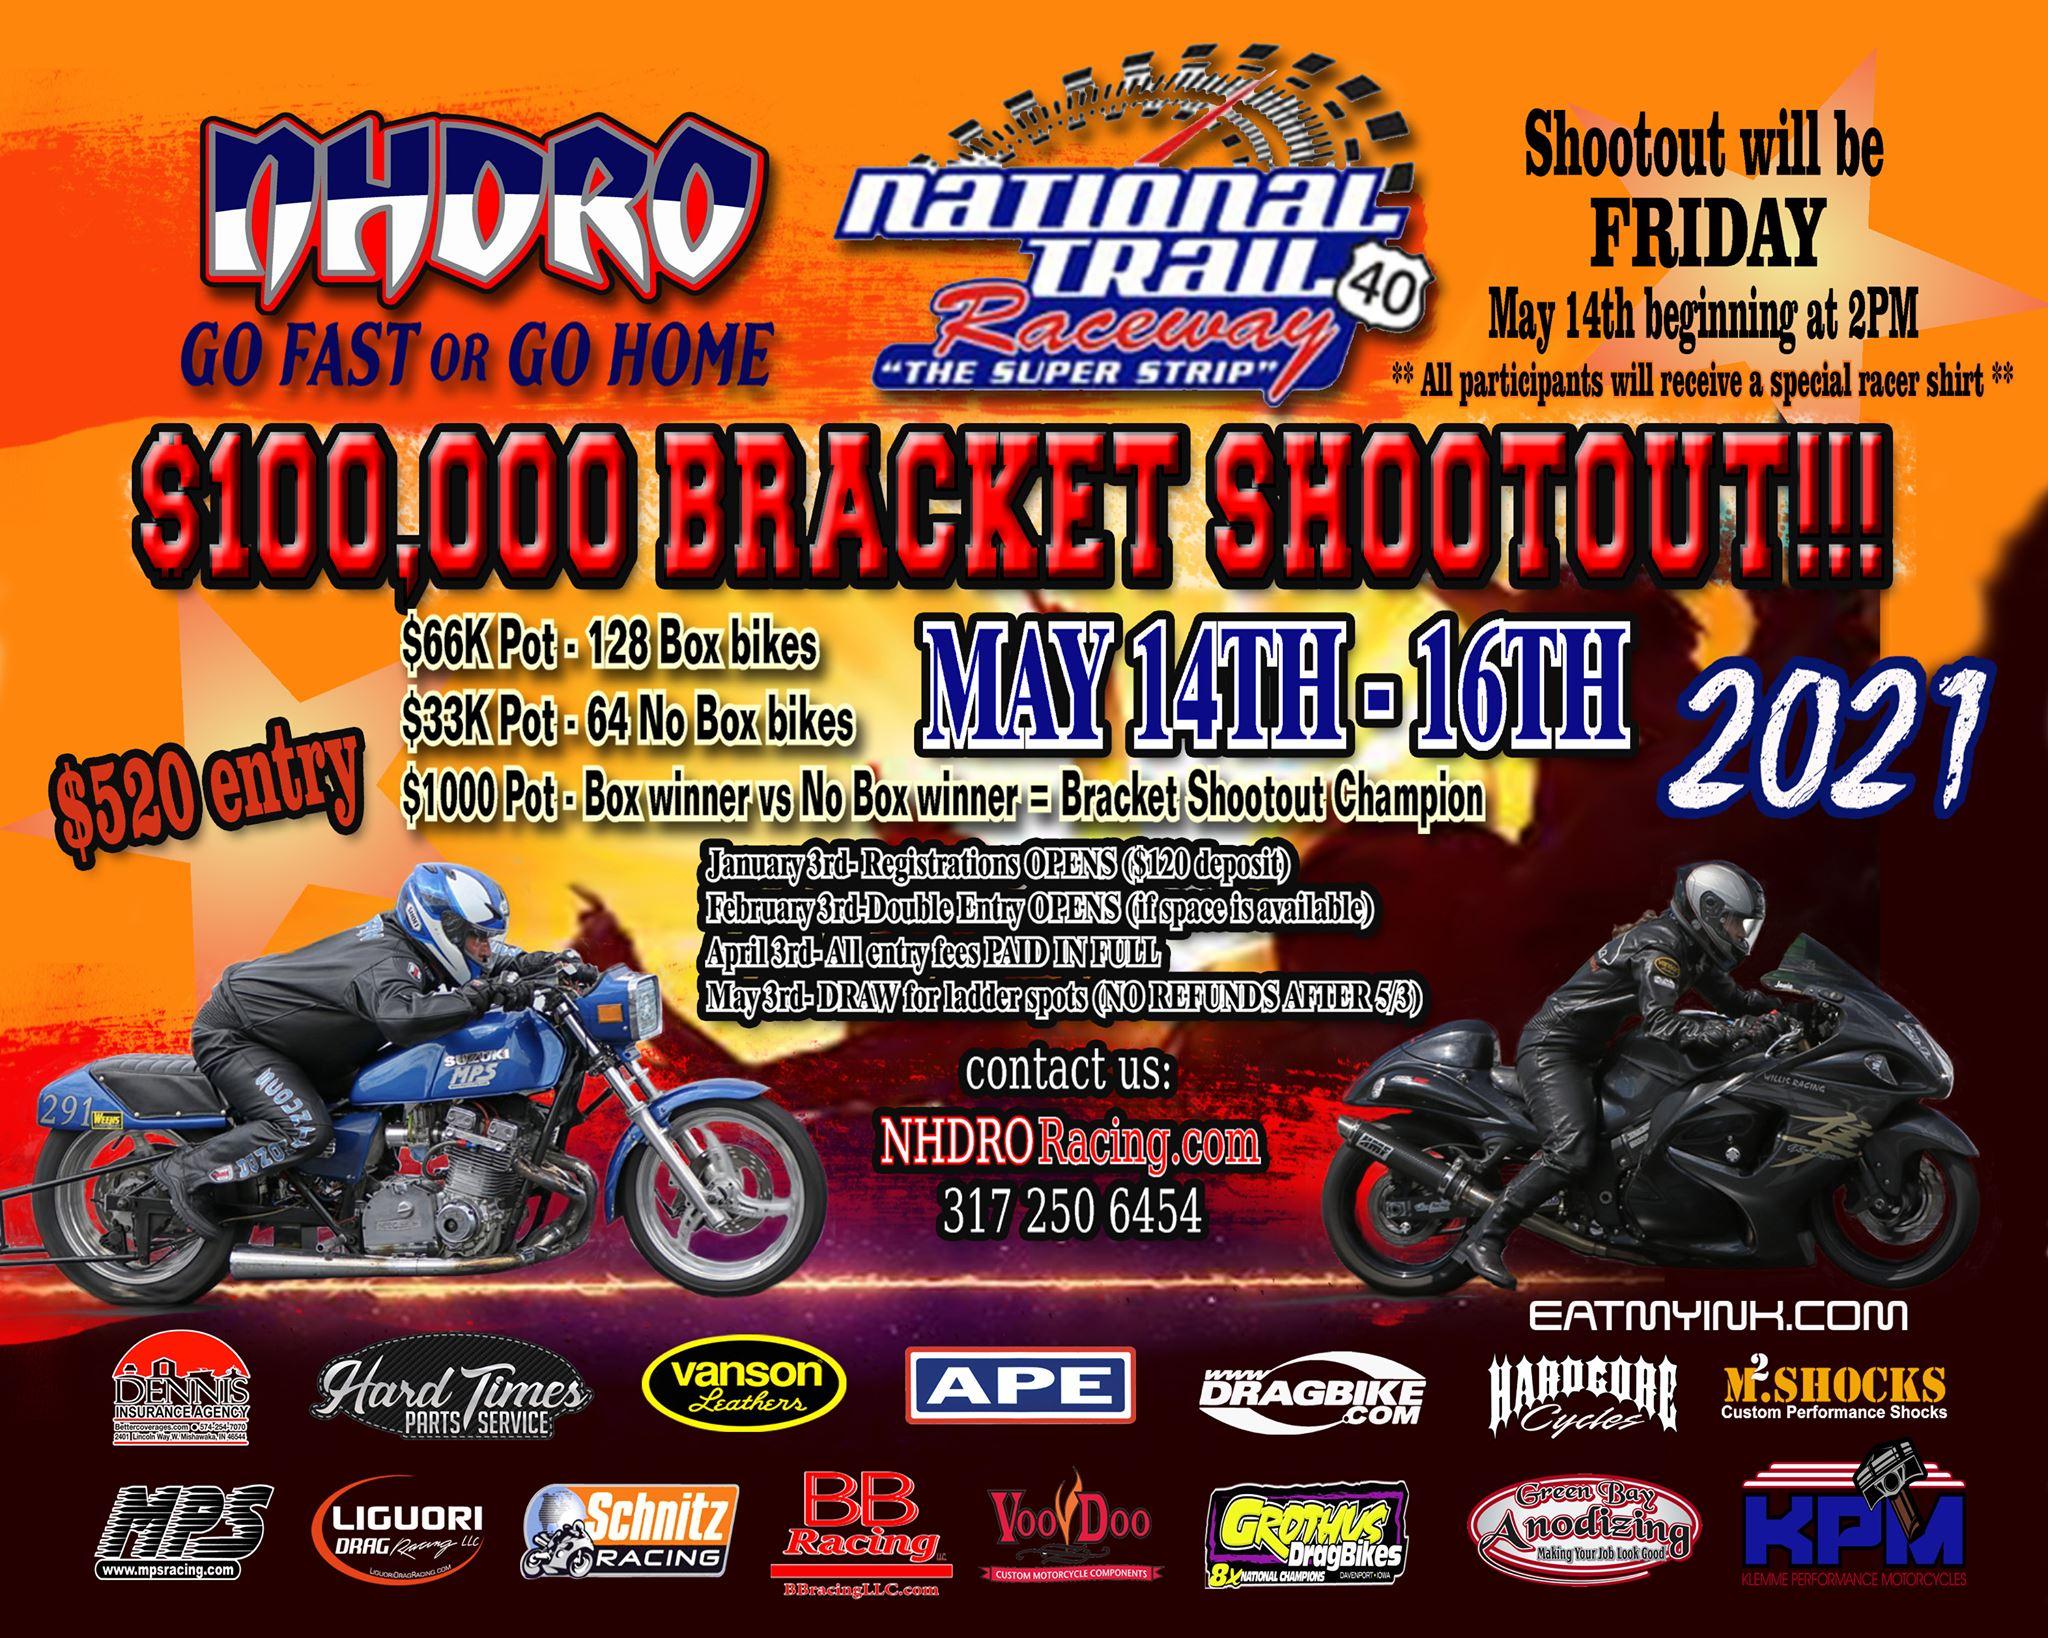 NHDRO 100K Bracket Shootout